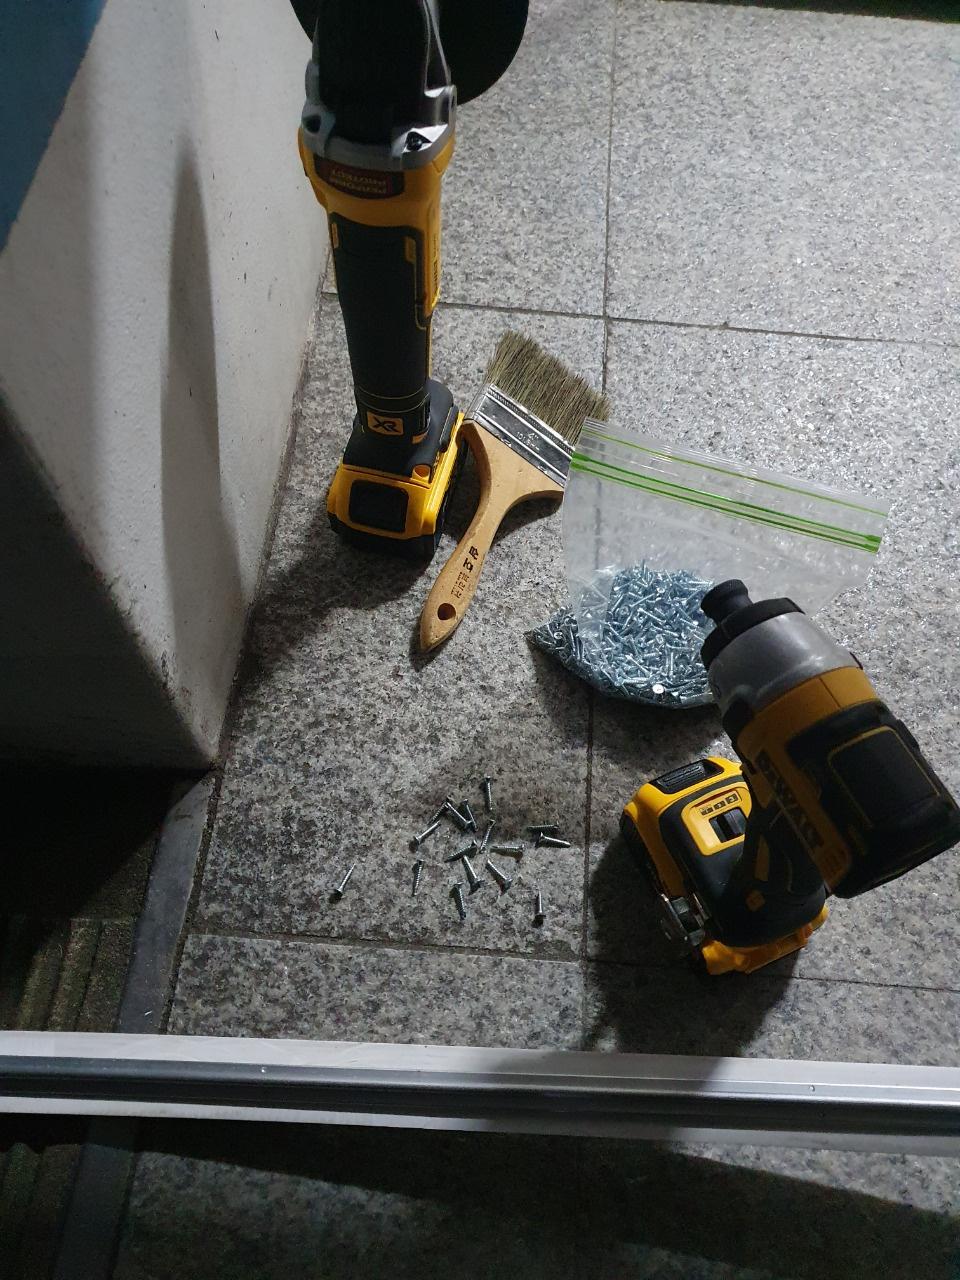 선재방충망 코킹방수 천장건조대 현관롤자동방충망사진